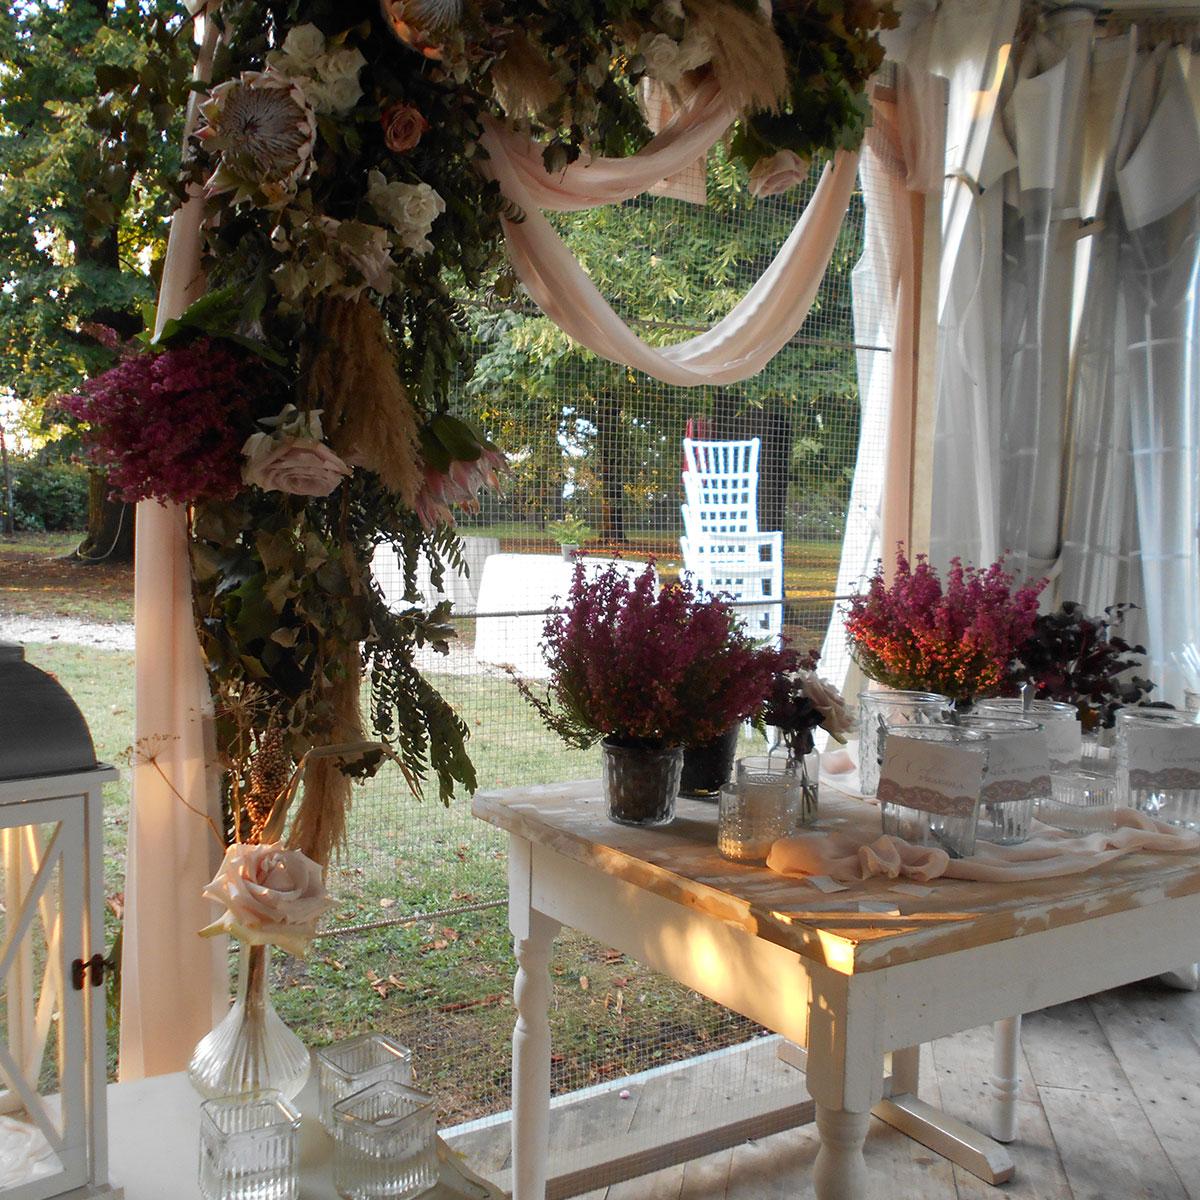 Allestimento elegante con fiori | Negriricevimenti.com